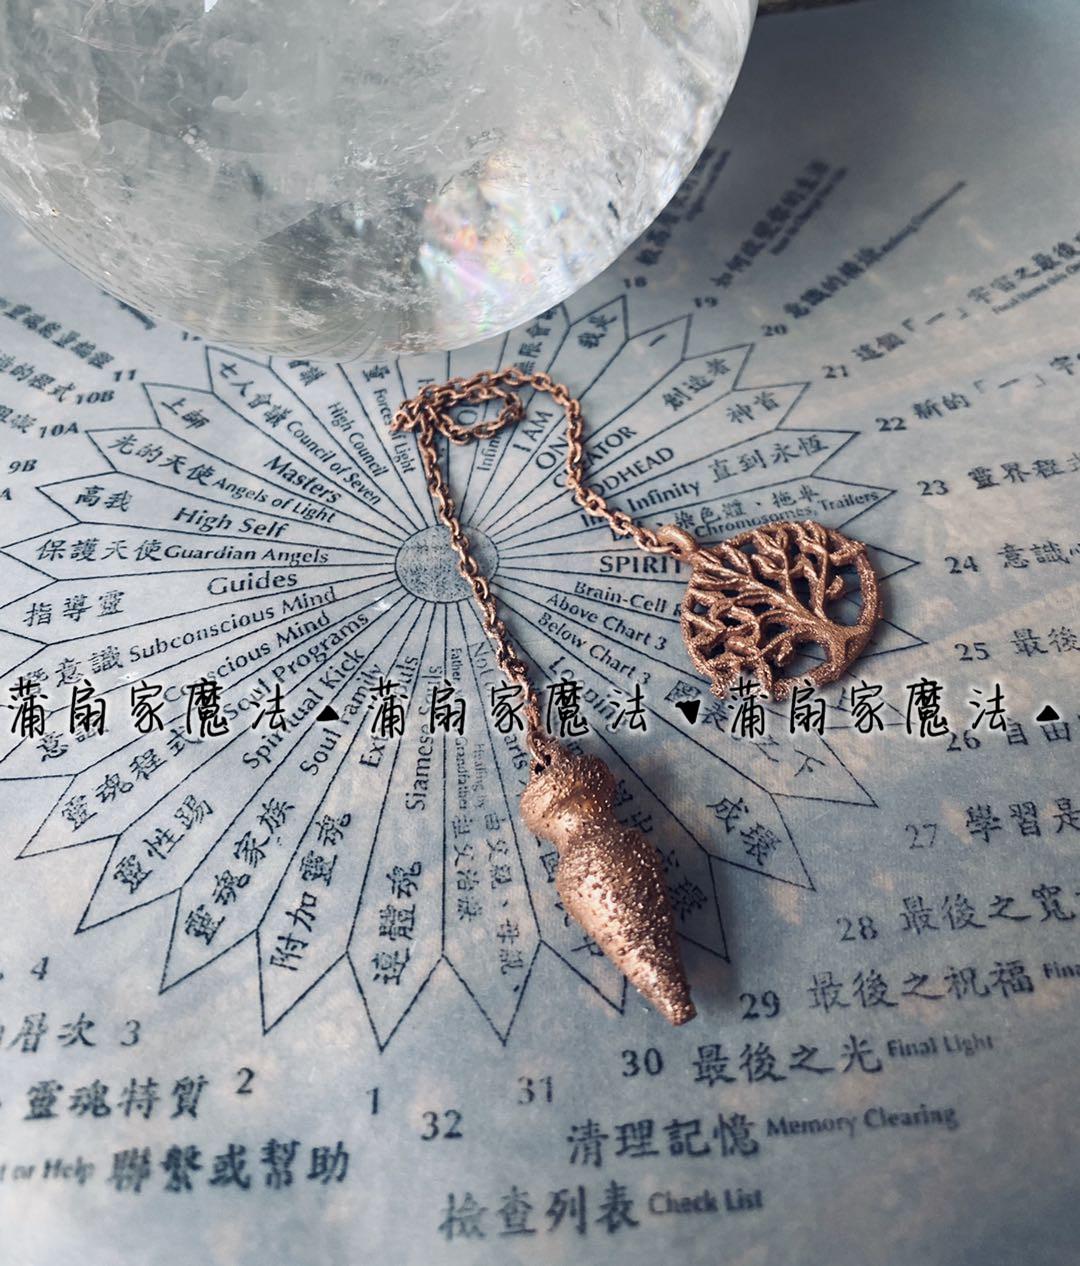 蒲扇家魔法 欧洲 女巫魔法 金属srt灵摆 宝瓶充电灵摆